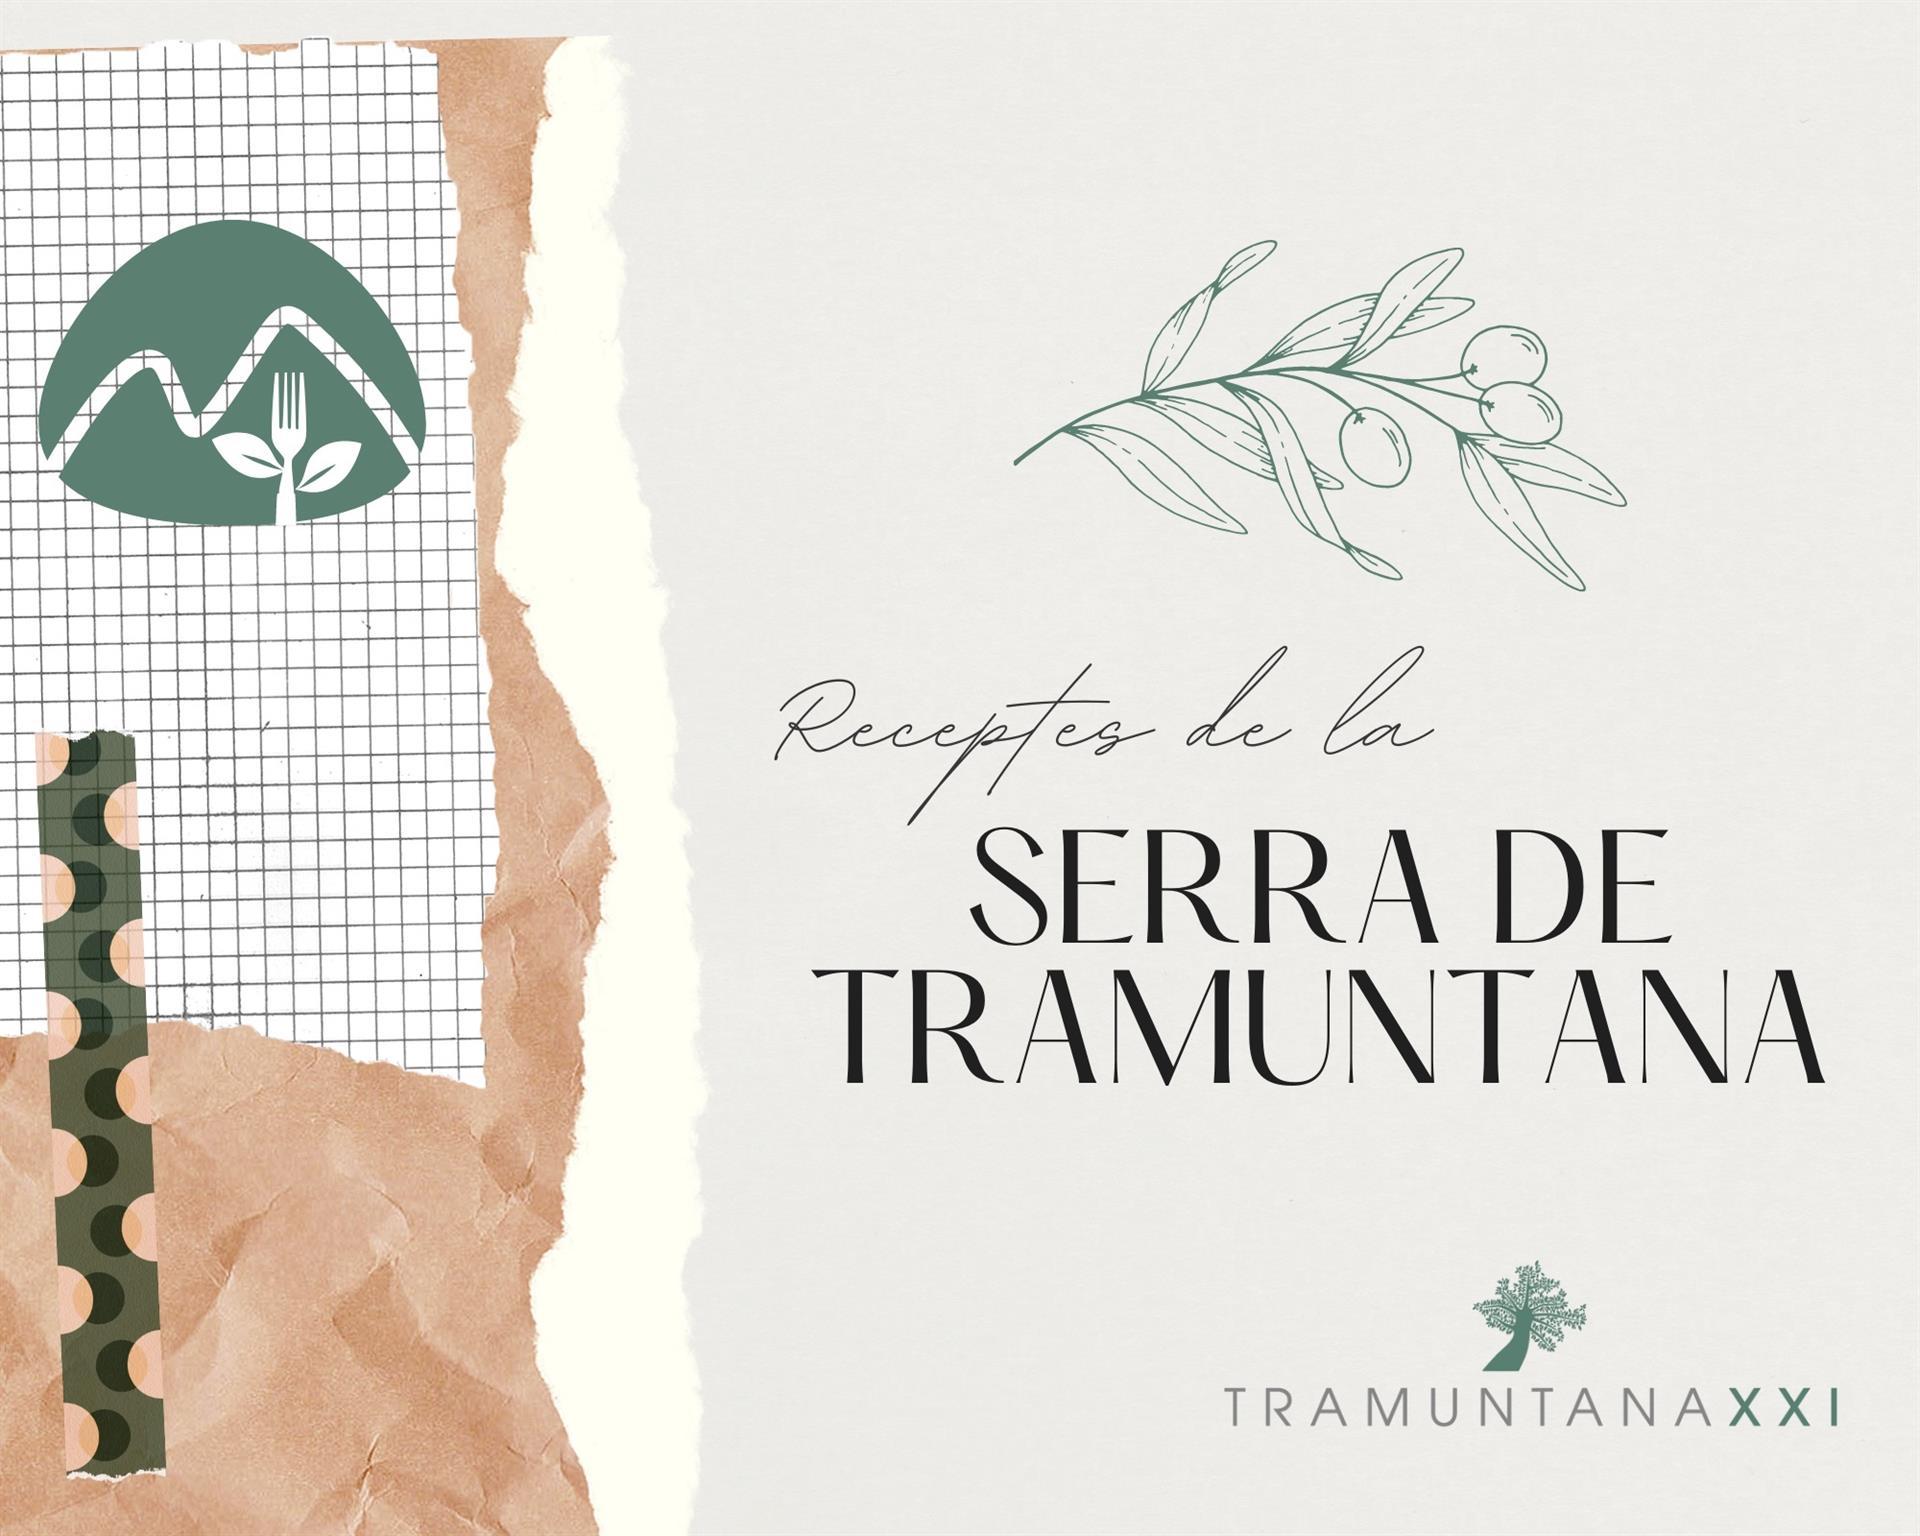 Receptes de la Serra de Tramuntana